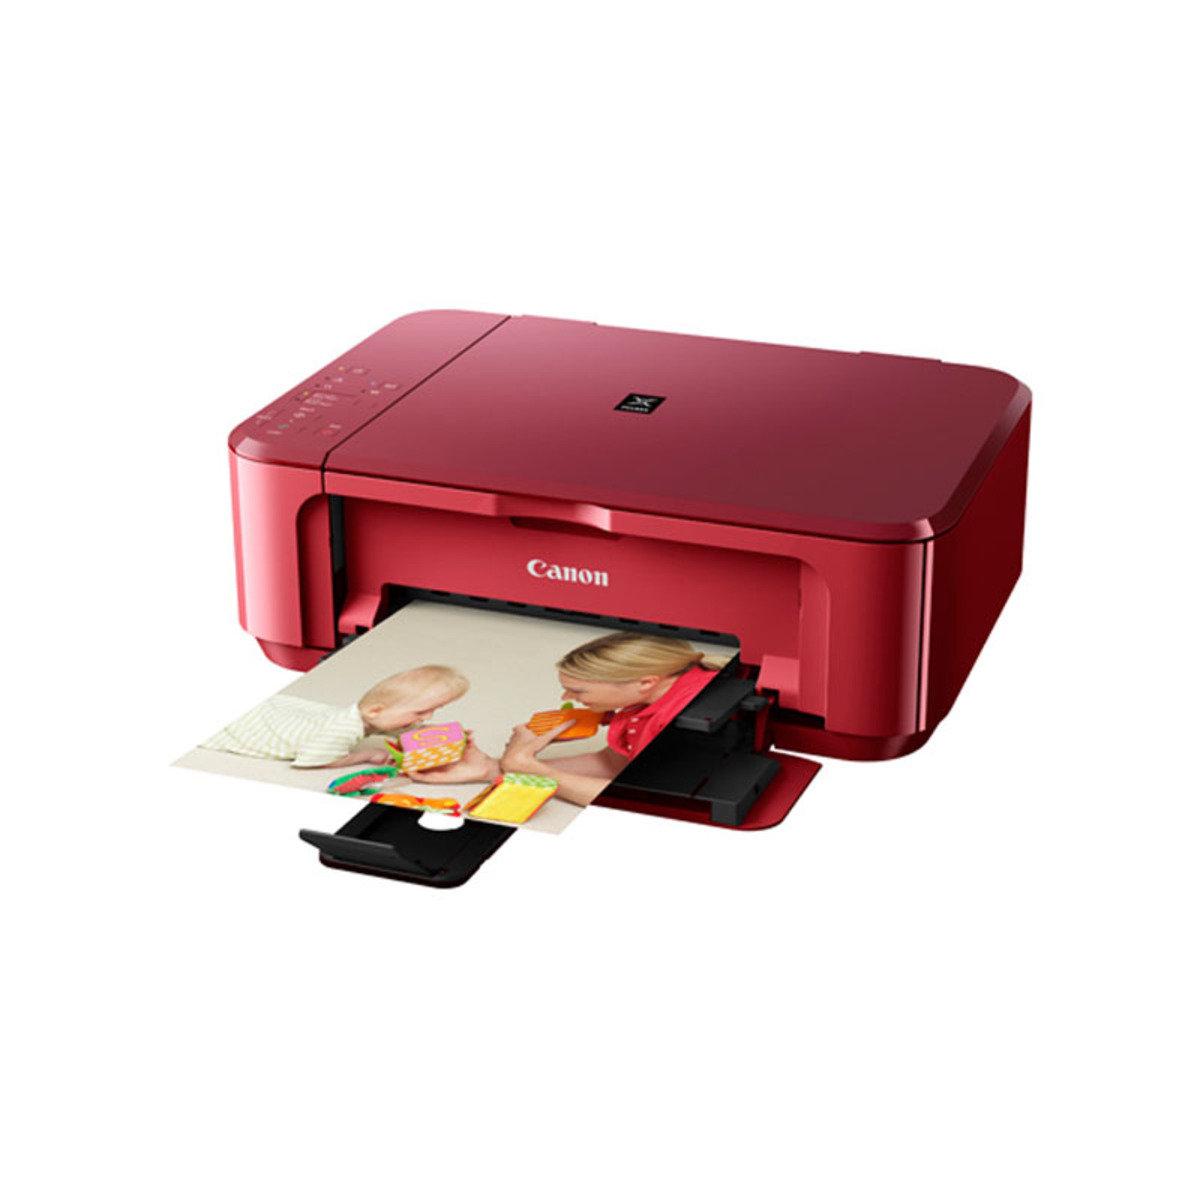 彩色打印 掃瞄 影印 多合一噴墨相片打印機 MG3670 紅色